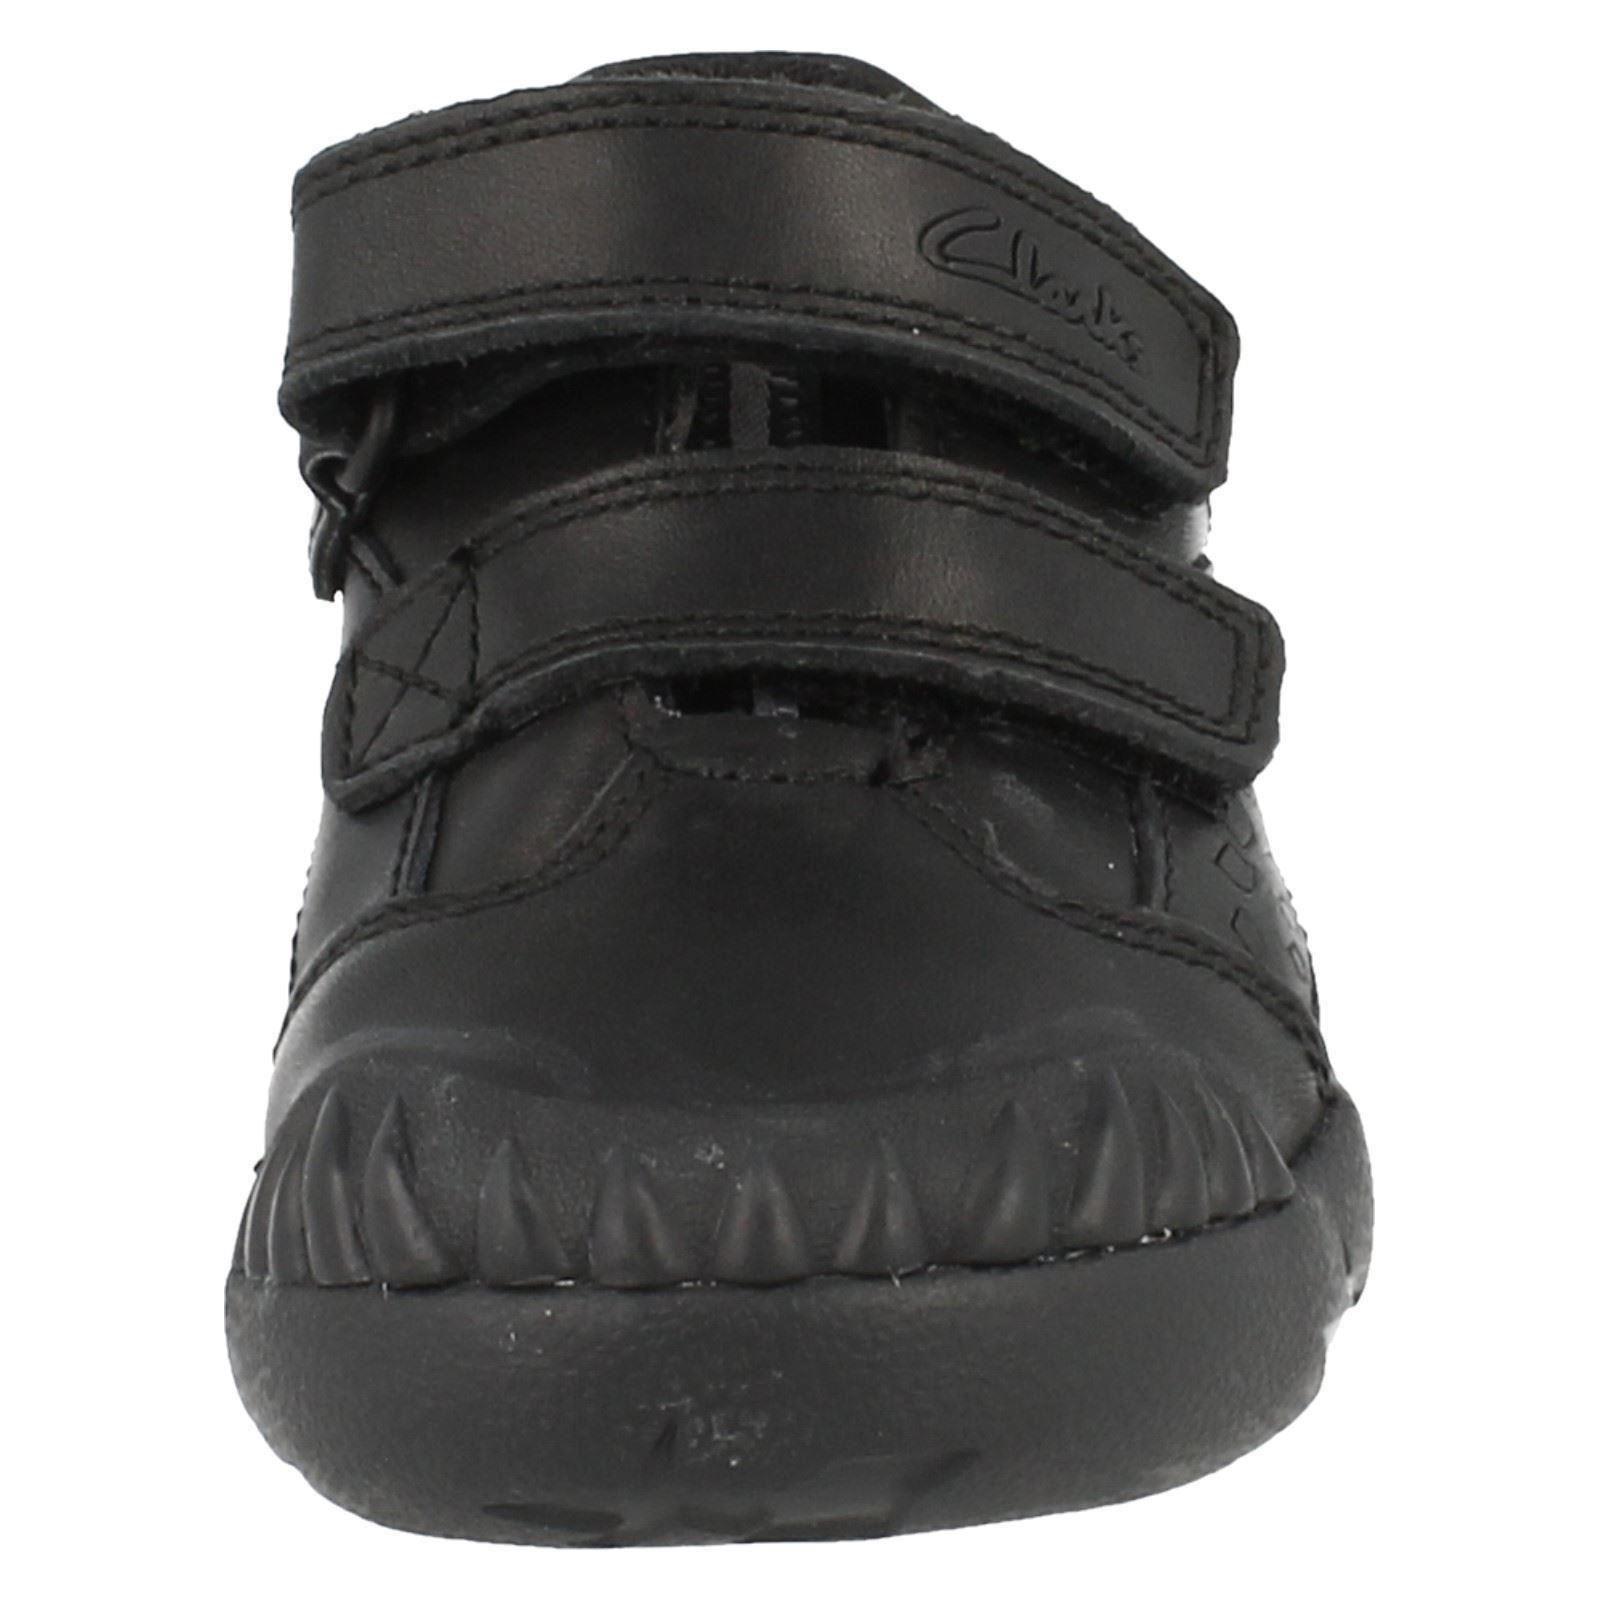 Clarks Boys Hook & Loop School Shoes Raptoboy